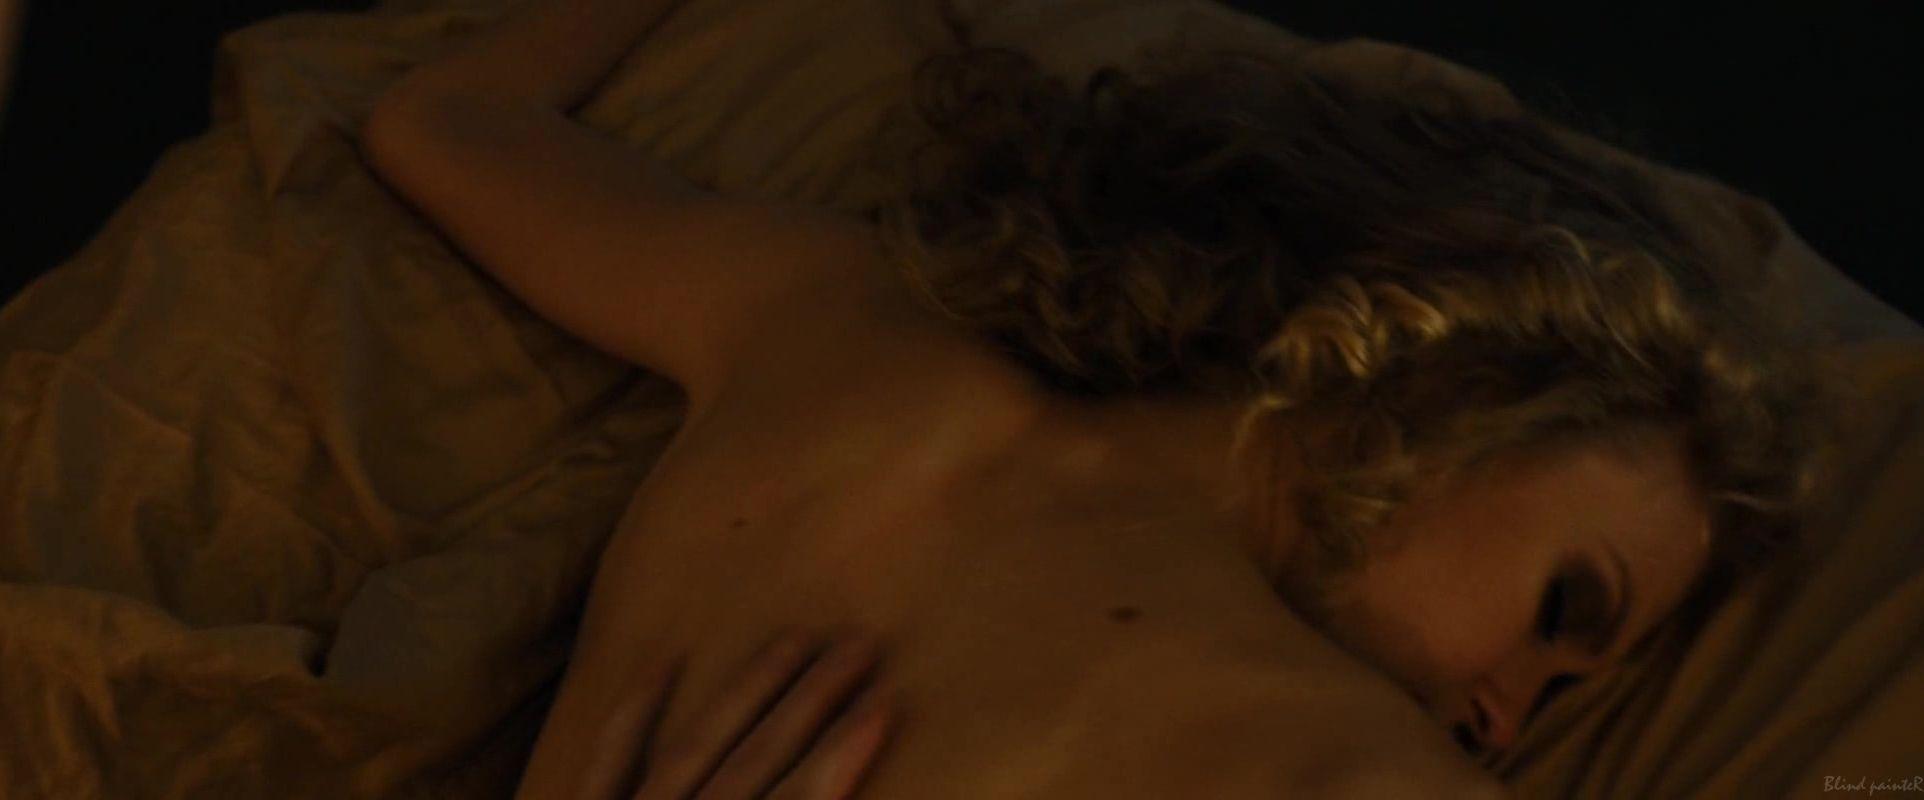 Tingley naked freya